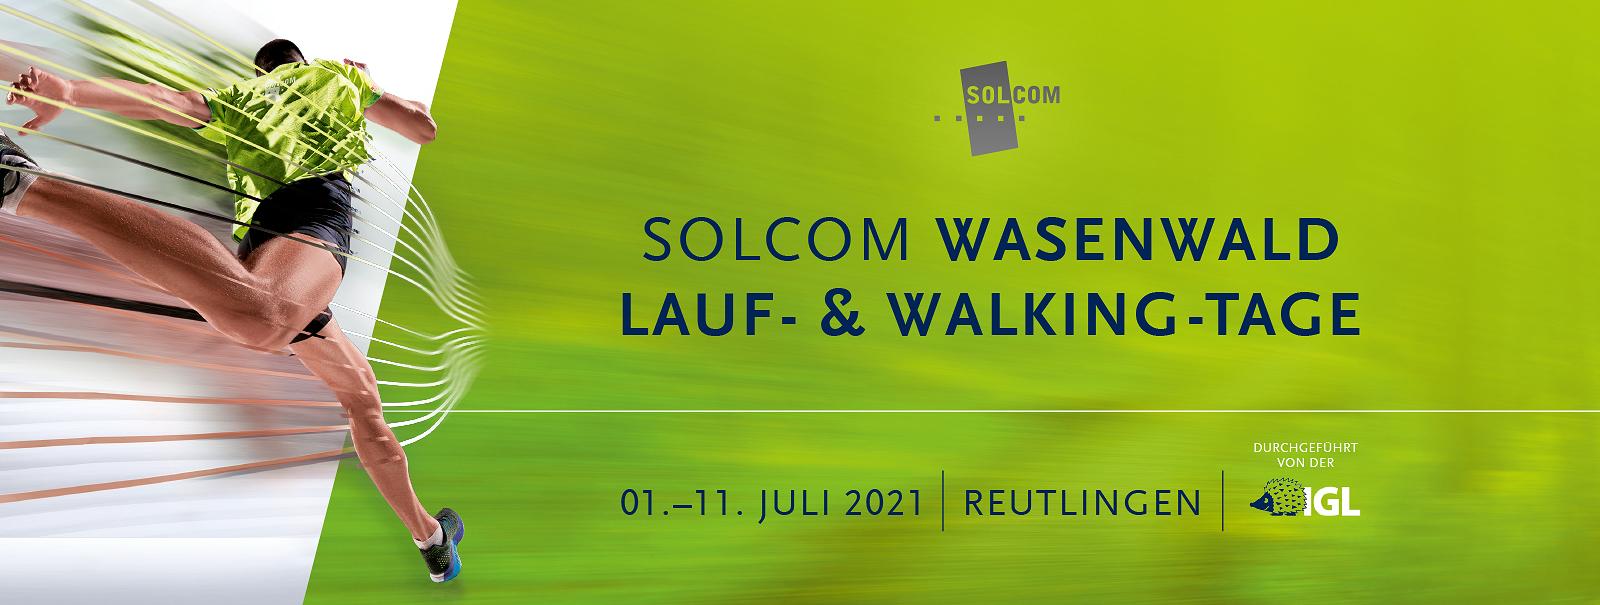 Einsteigen bei SOLCOM | Arbeiten bei SOLCOM